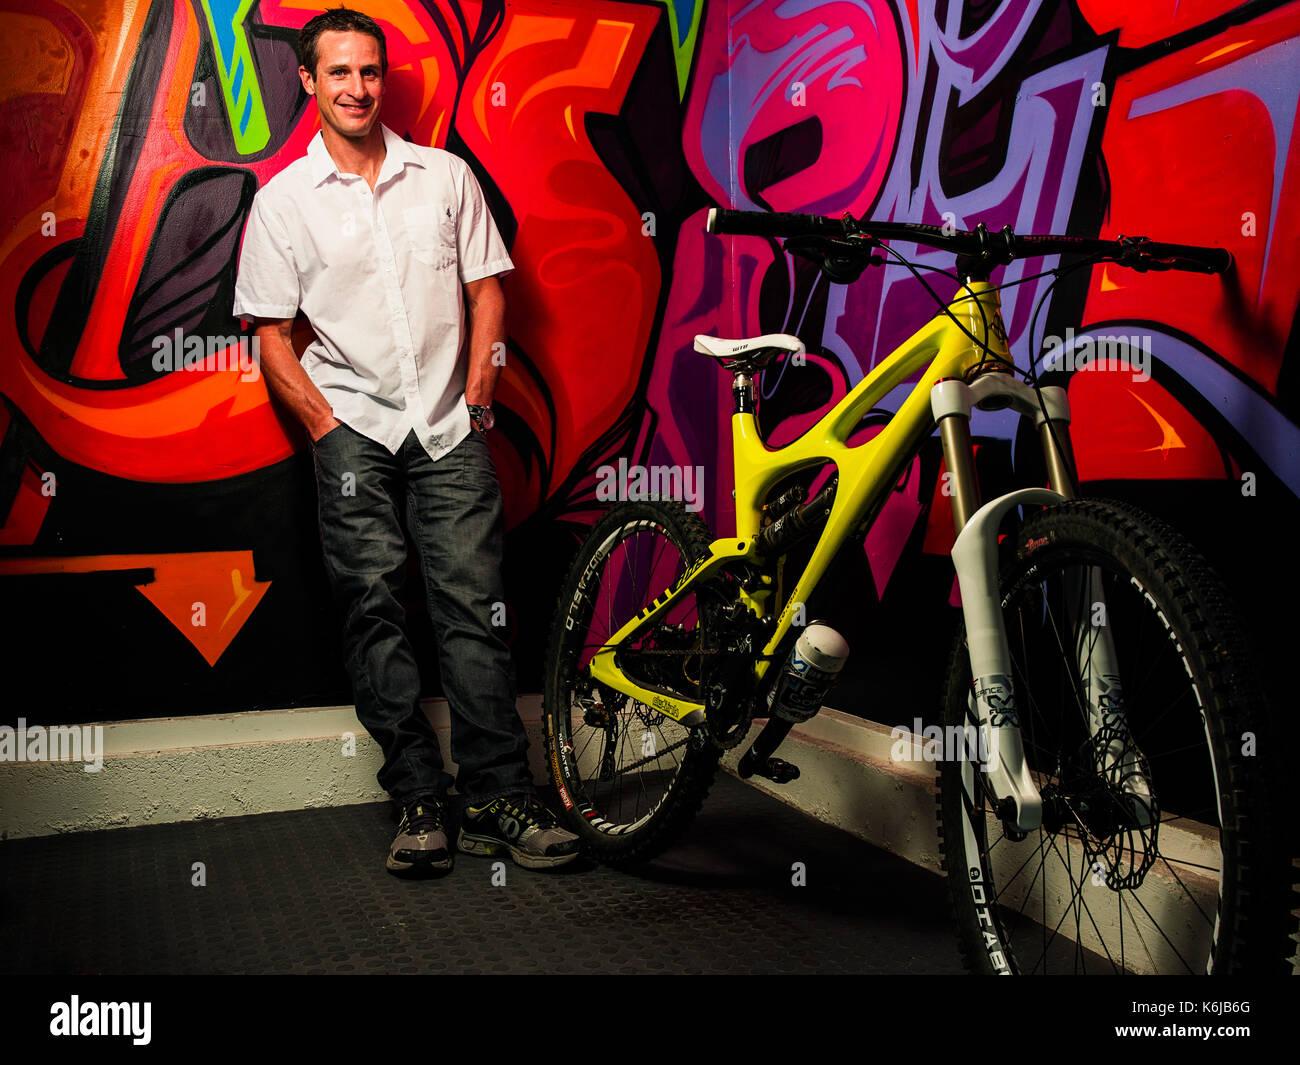 Hombre de pie en el interior junto a bicicleta y pared cubierta con graffiti, Laguna Beach, California, EE.UU. Imagen De Stock